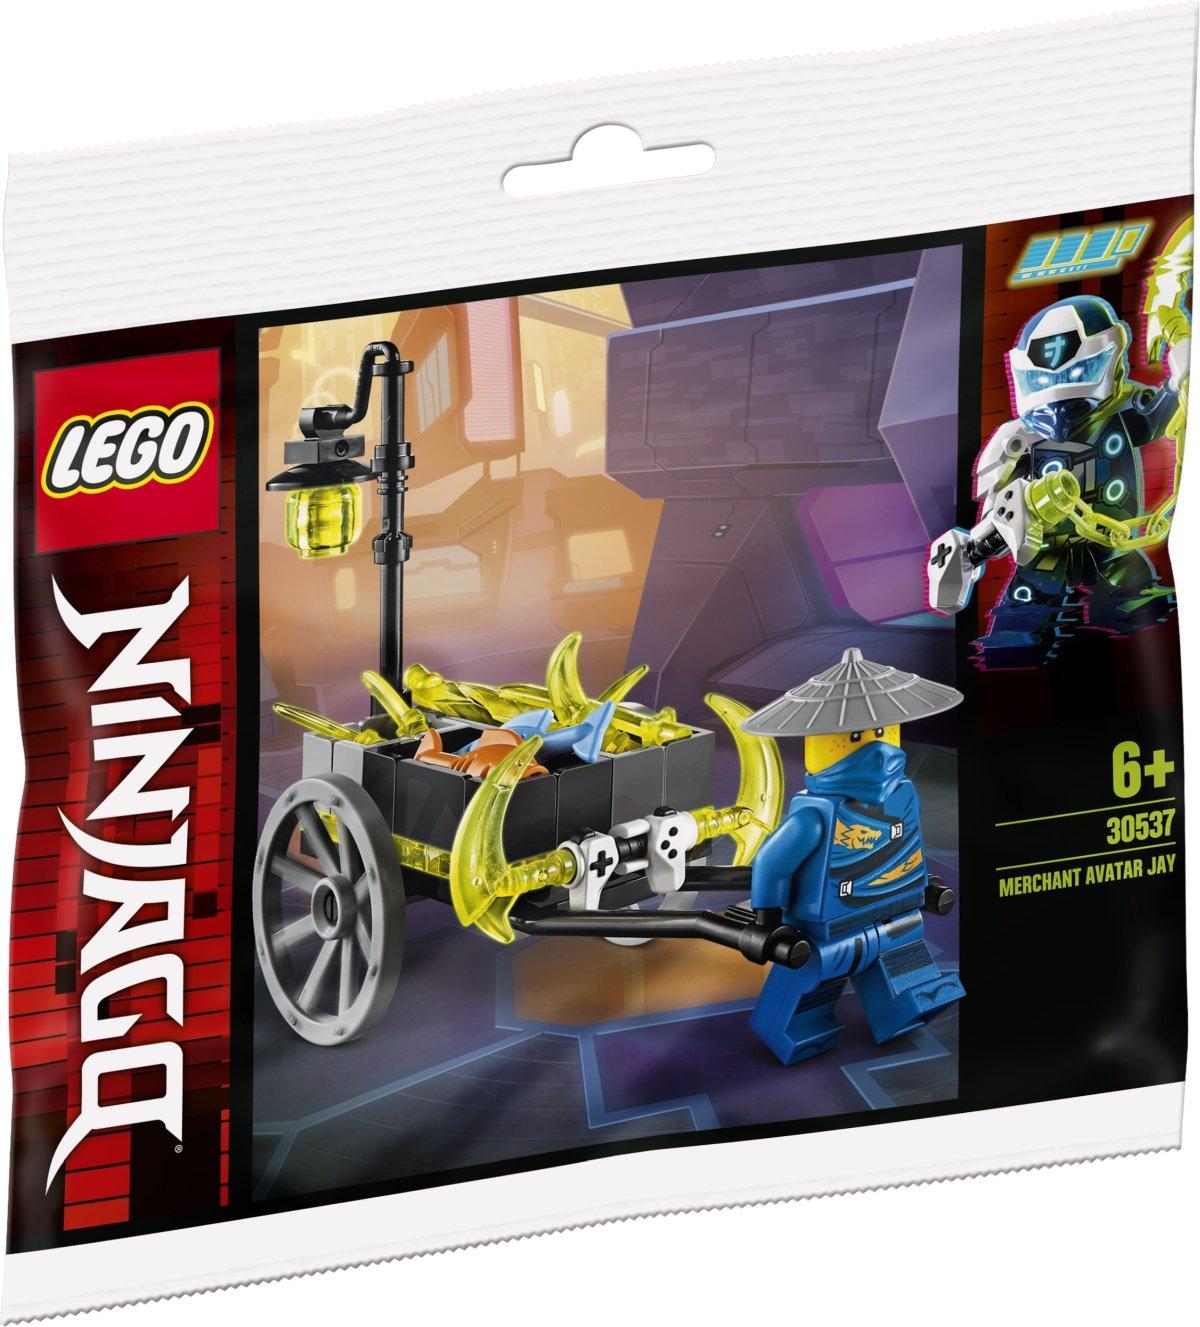 lego-polybag-ninjago-30537-0001